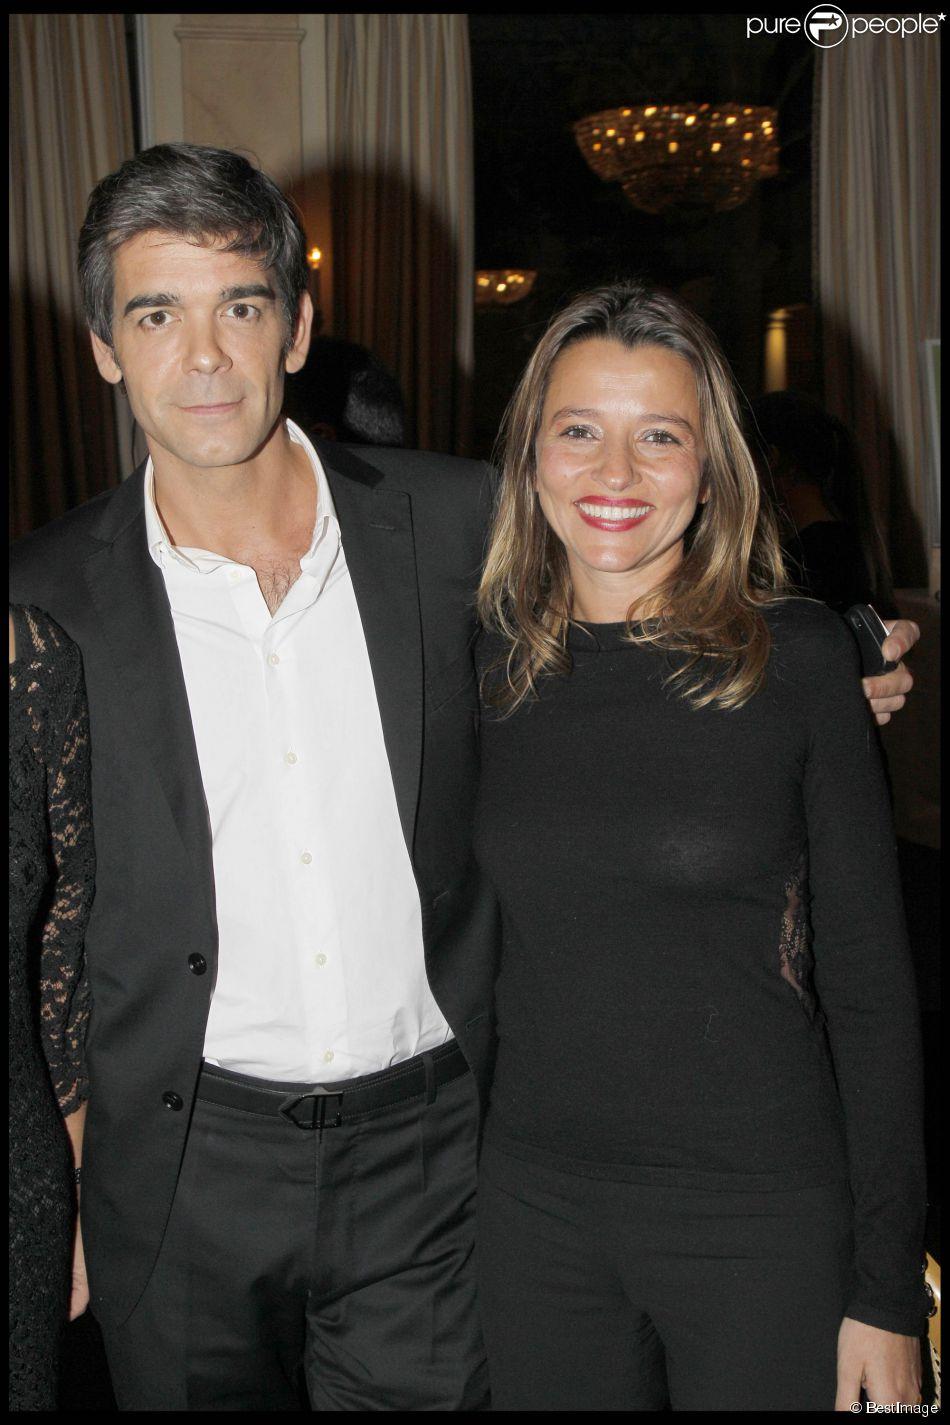 Xavier de Moulins et sa femme Anaïs - Remise des prix  Les trois coups de l'Angelus  2012 dans les salons de l'hôtel Bristol à Paris. Le 19 mars 2012.